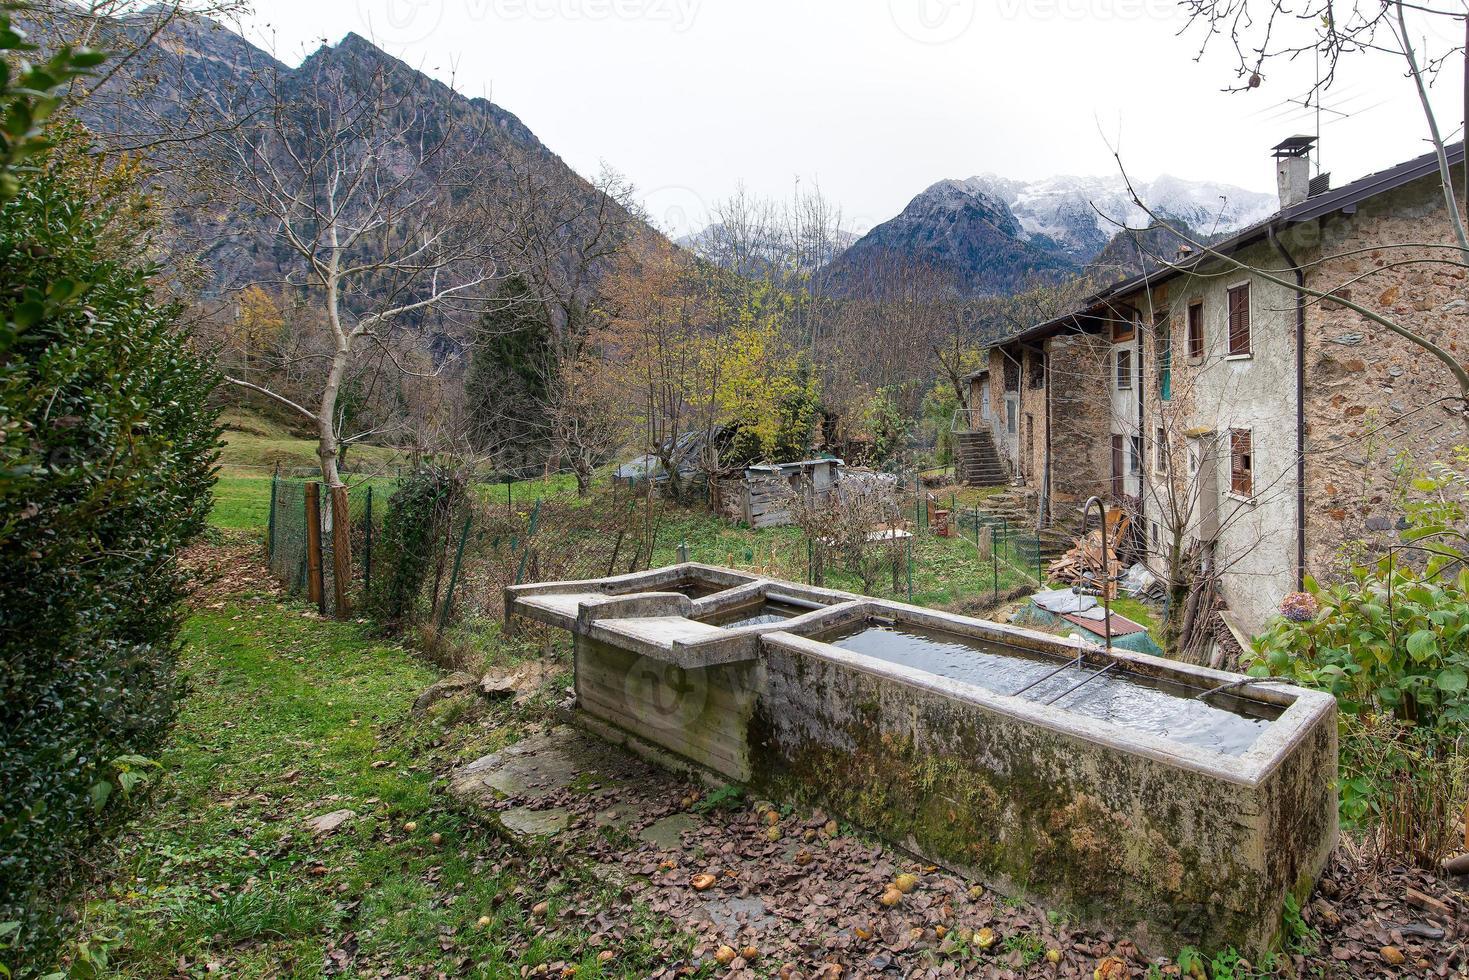 vieilles fontaines dans un village des alpes italiennes photo